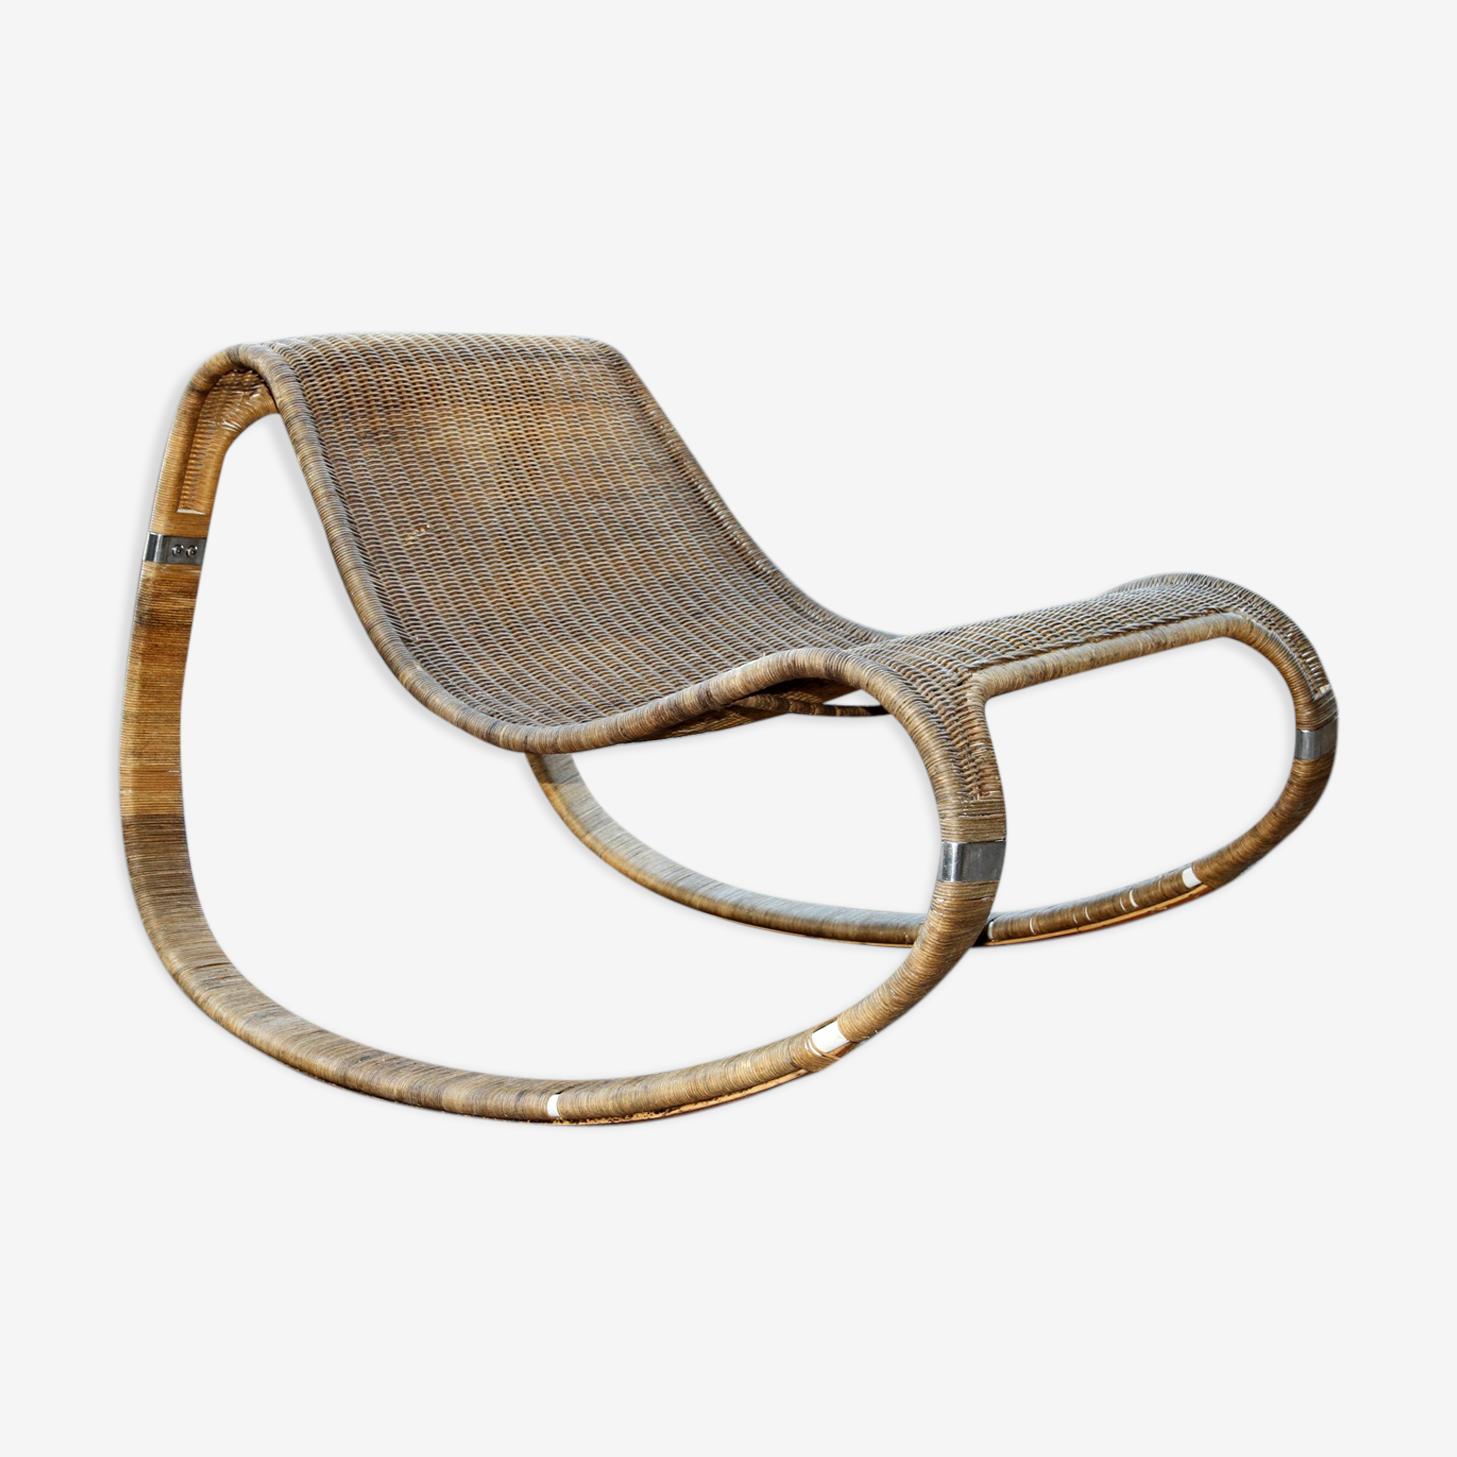 Rocking-chair en osier